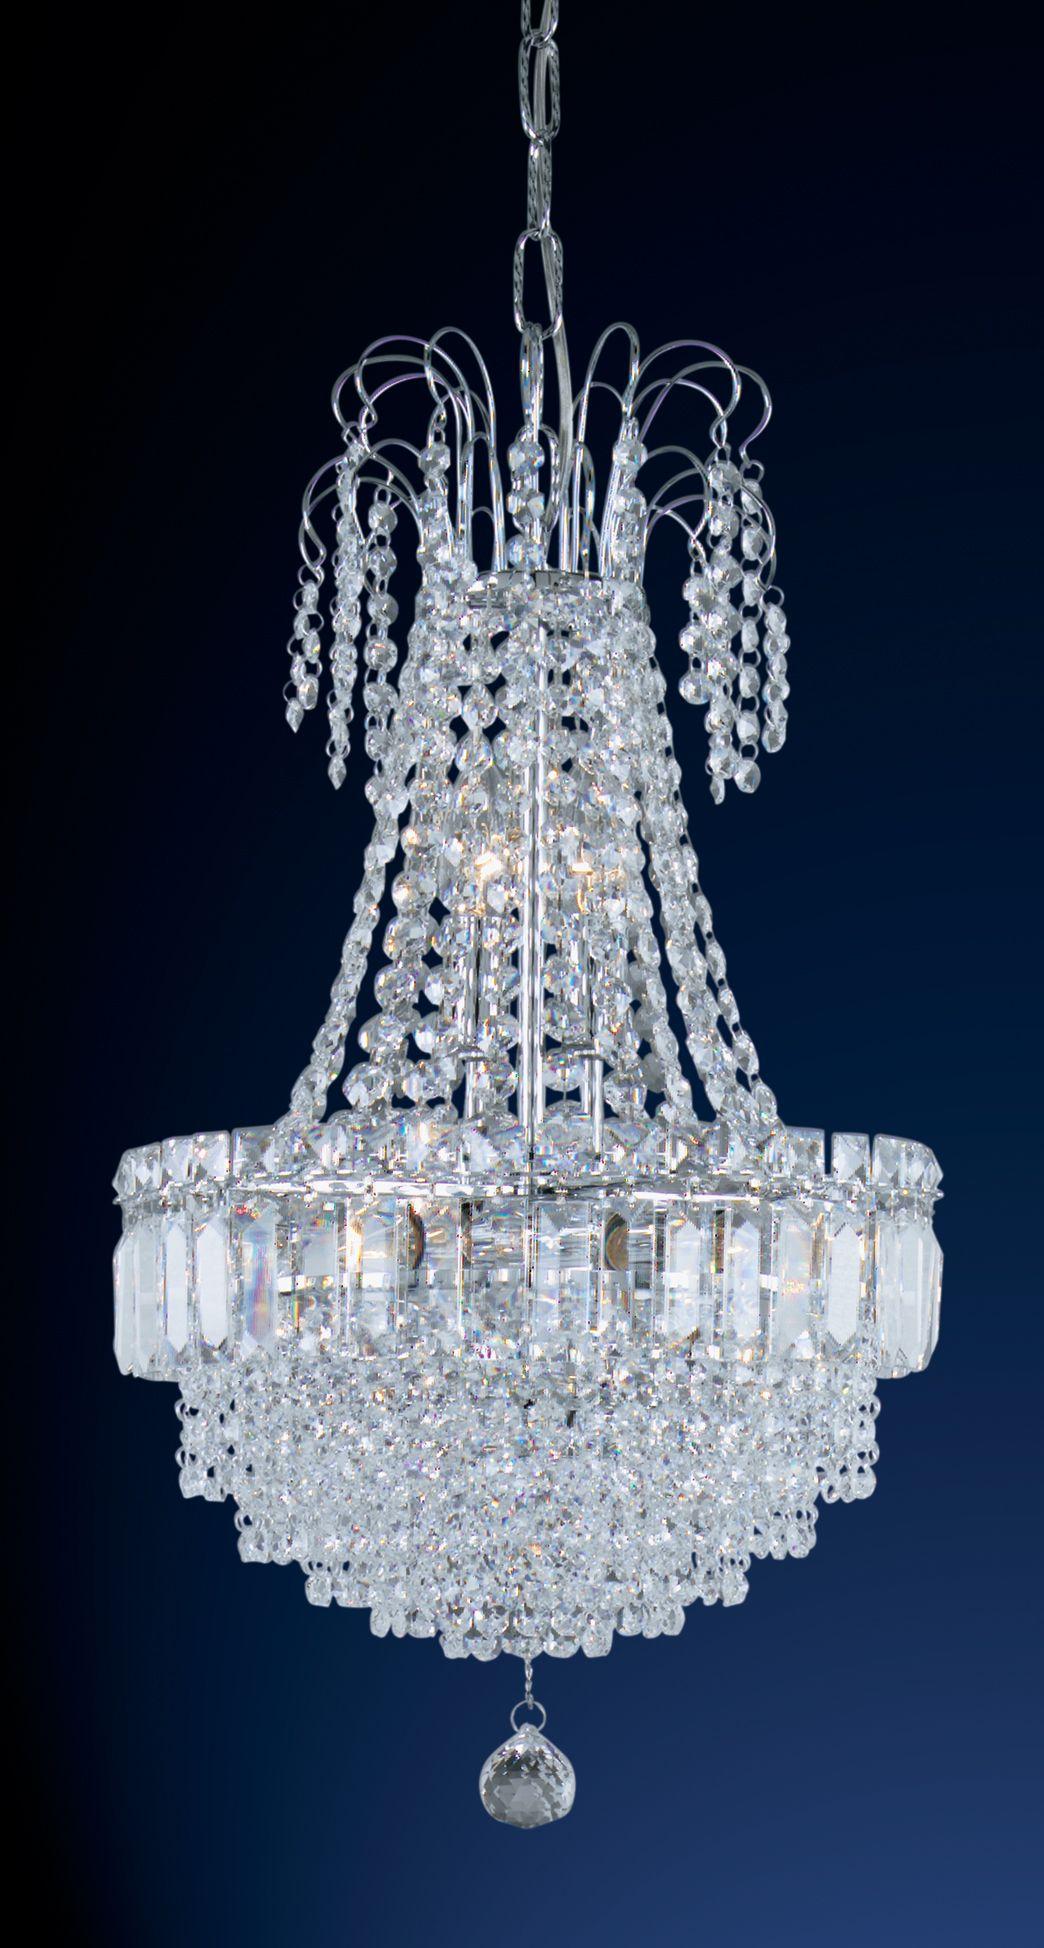 Crystal Chandelier Crystal Lighting Chandelier Pendant Lights